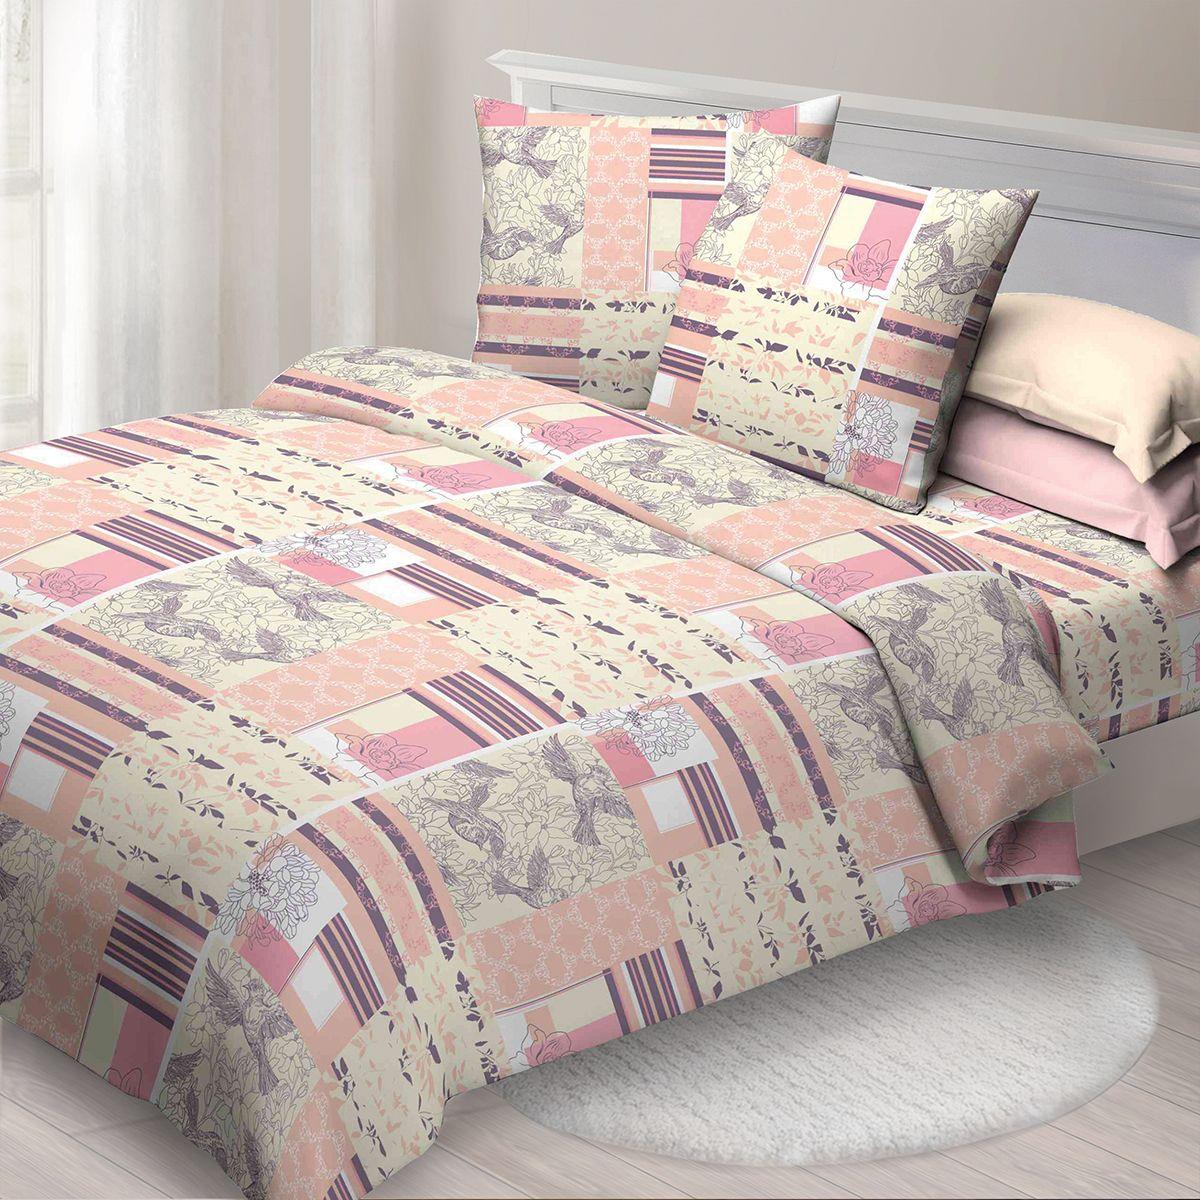 Комплект белья Спал Спалыч Люсиль, 2-х спальное, наволочки 70x70, цвет: персиковый. 4081-182433